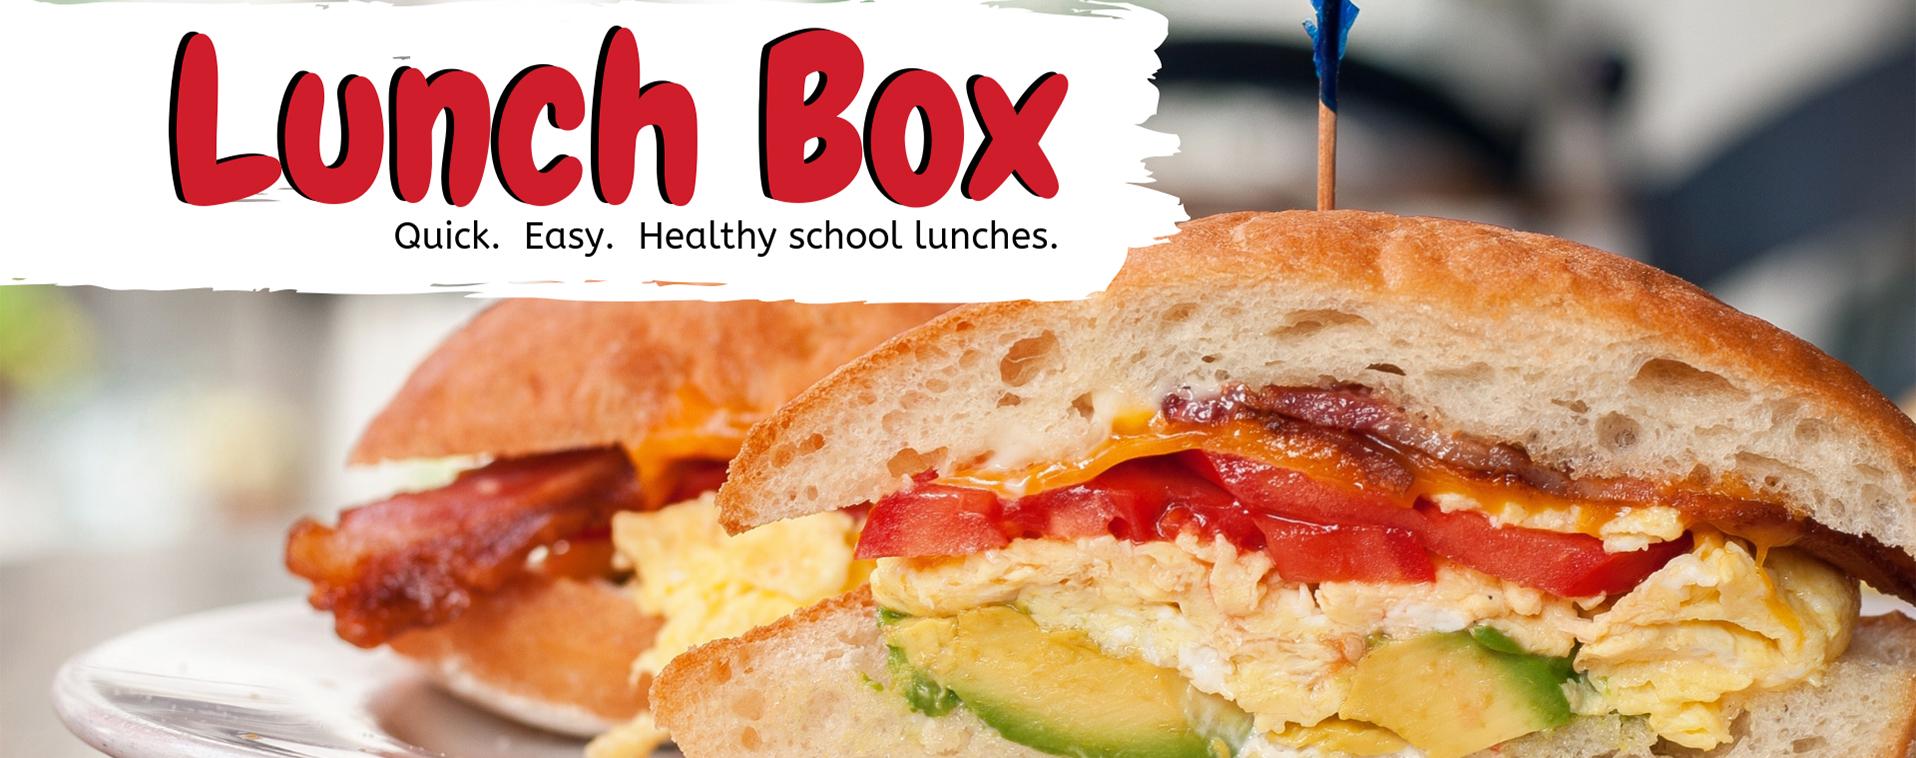 Lunch Box hero